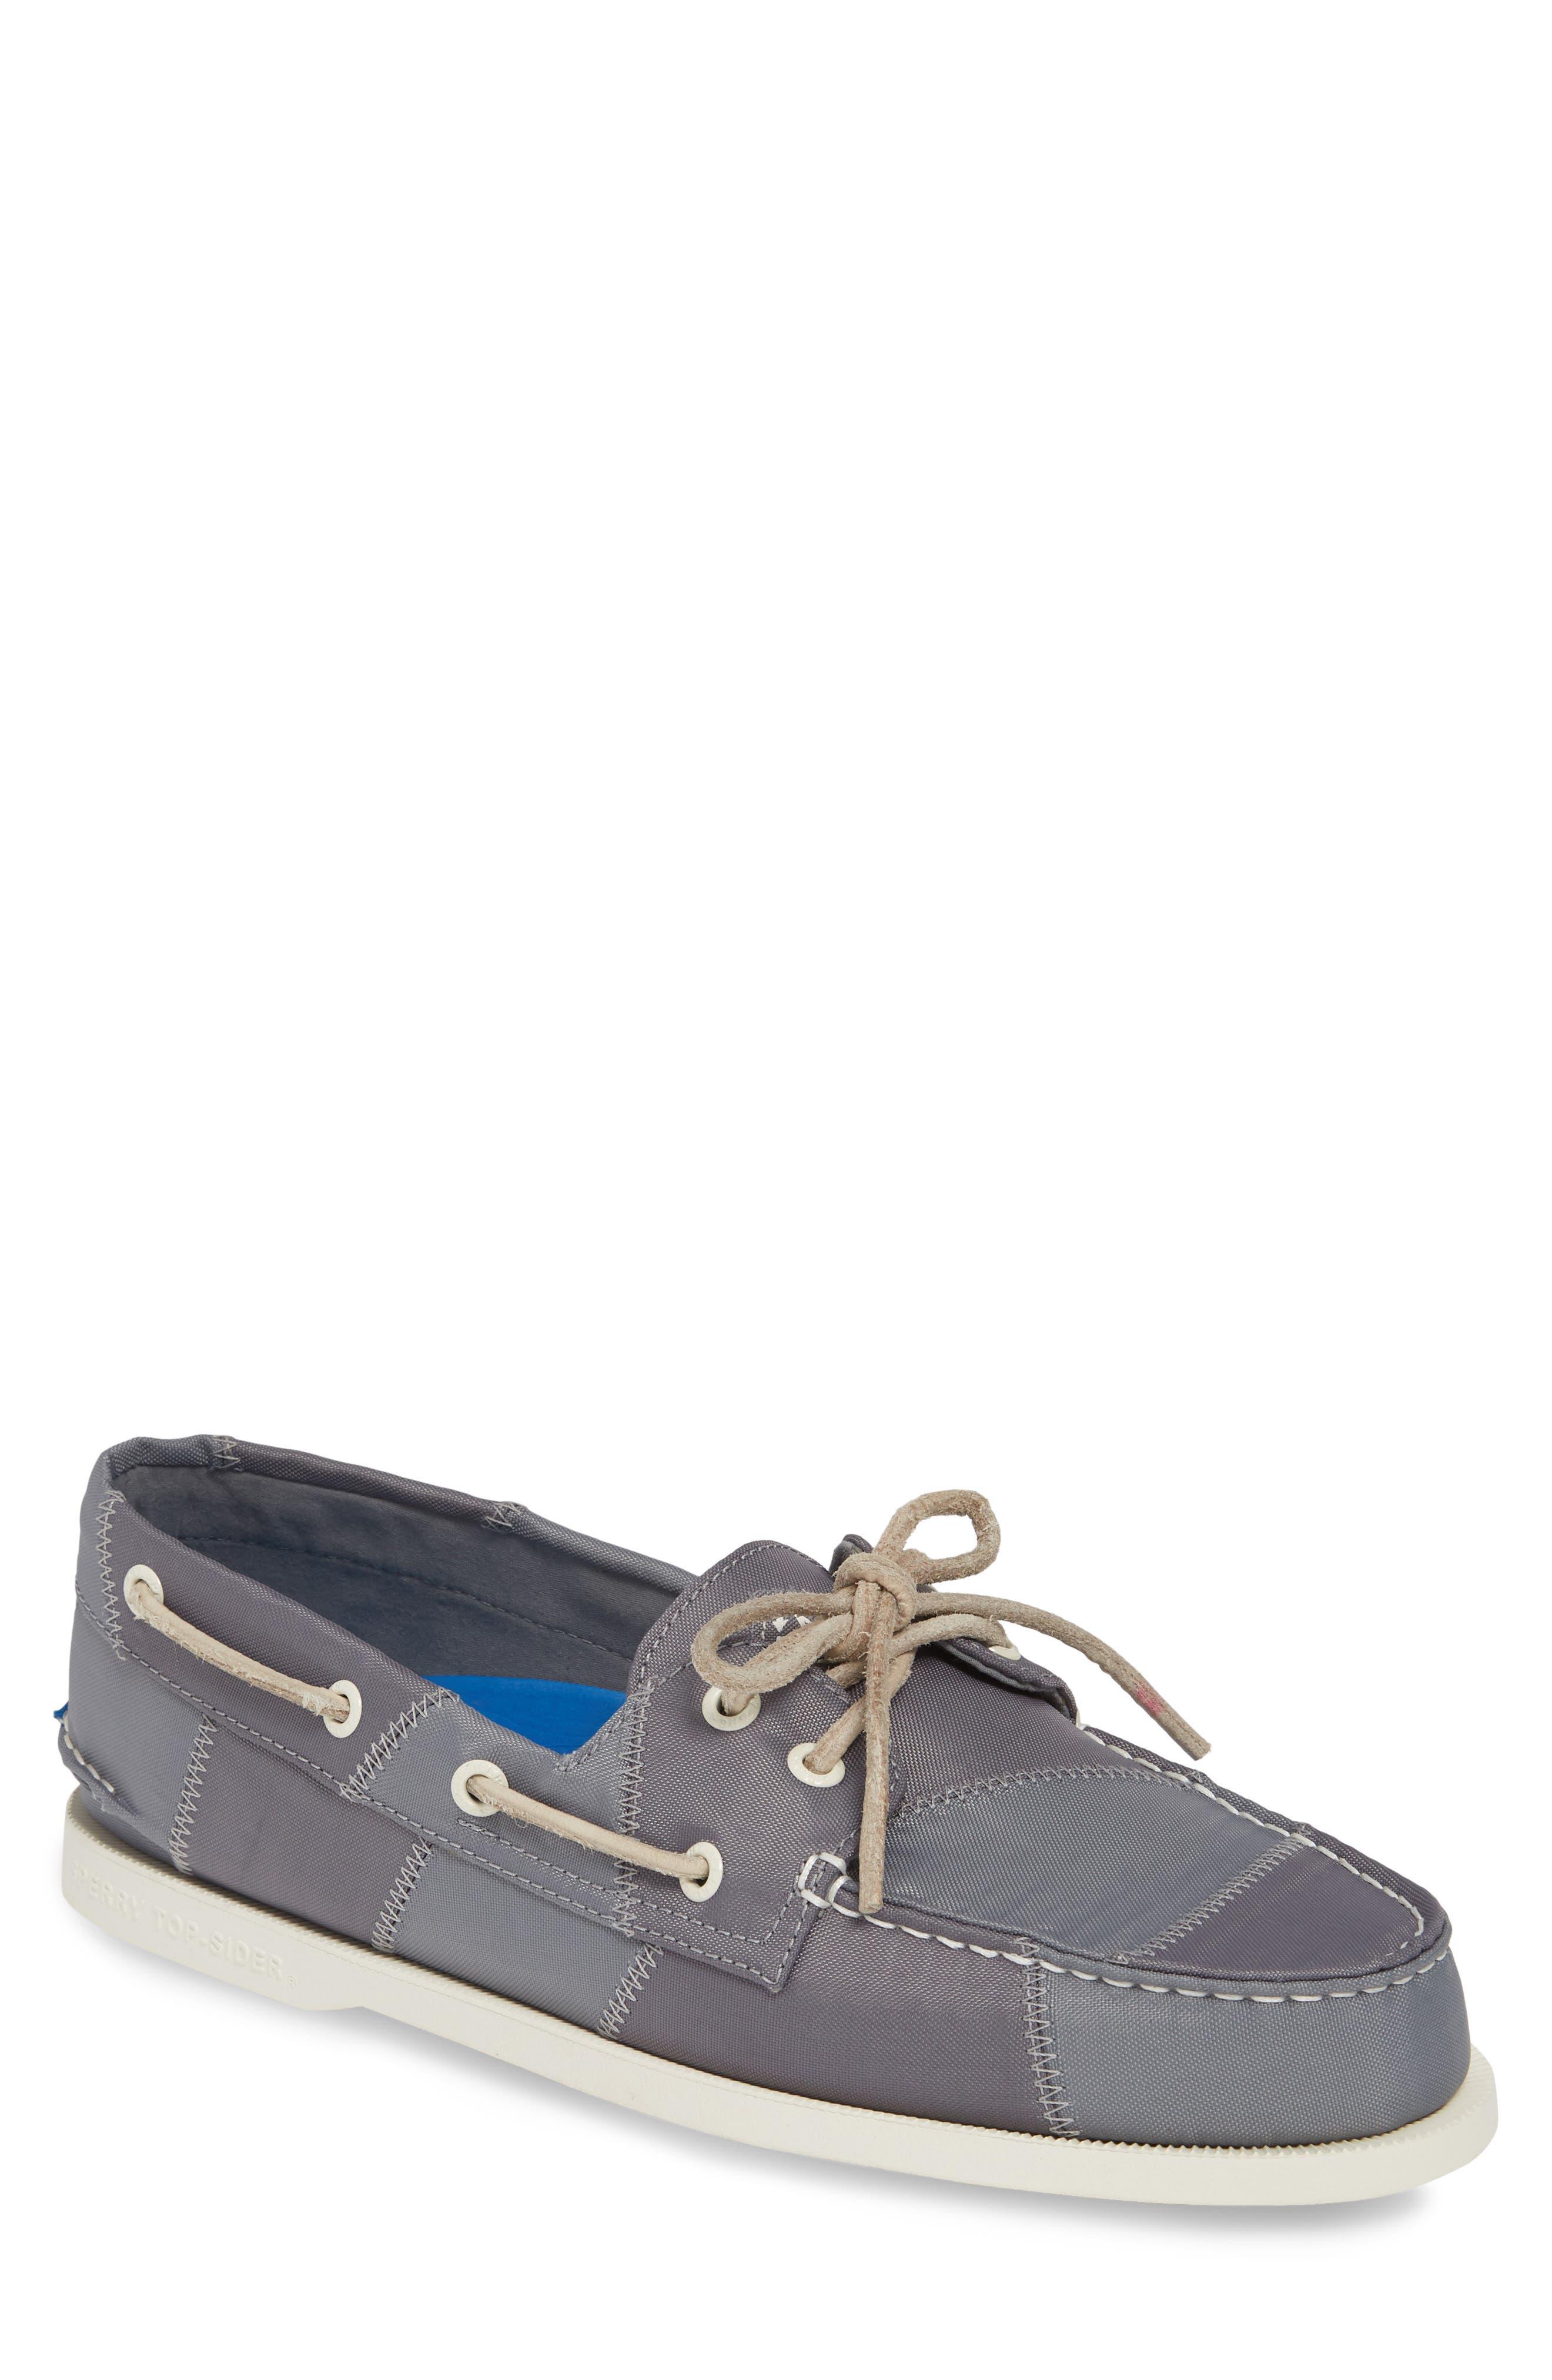 Authentic Original BIONIC<sup>®</sup> Boat Shoe, Main, color, GREY/ BLUE